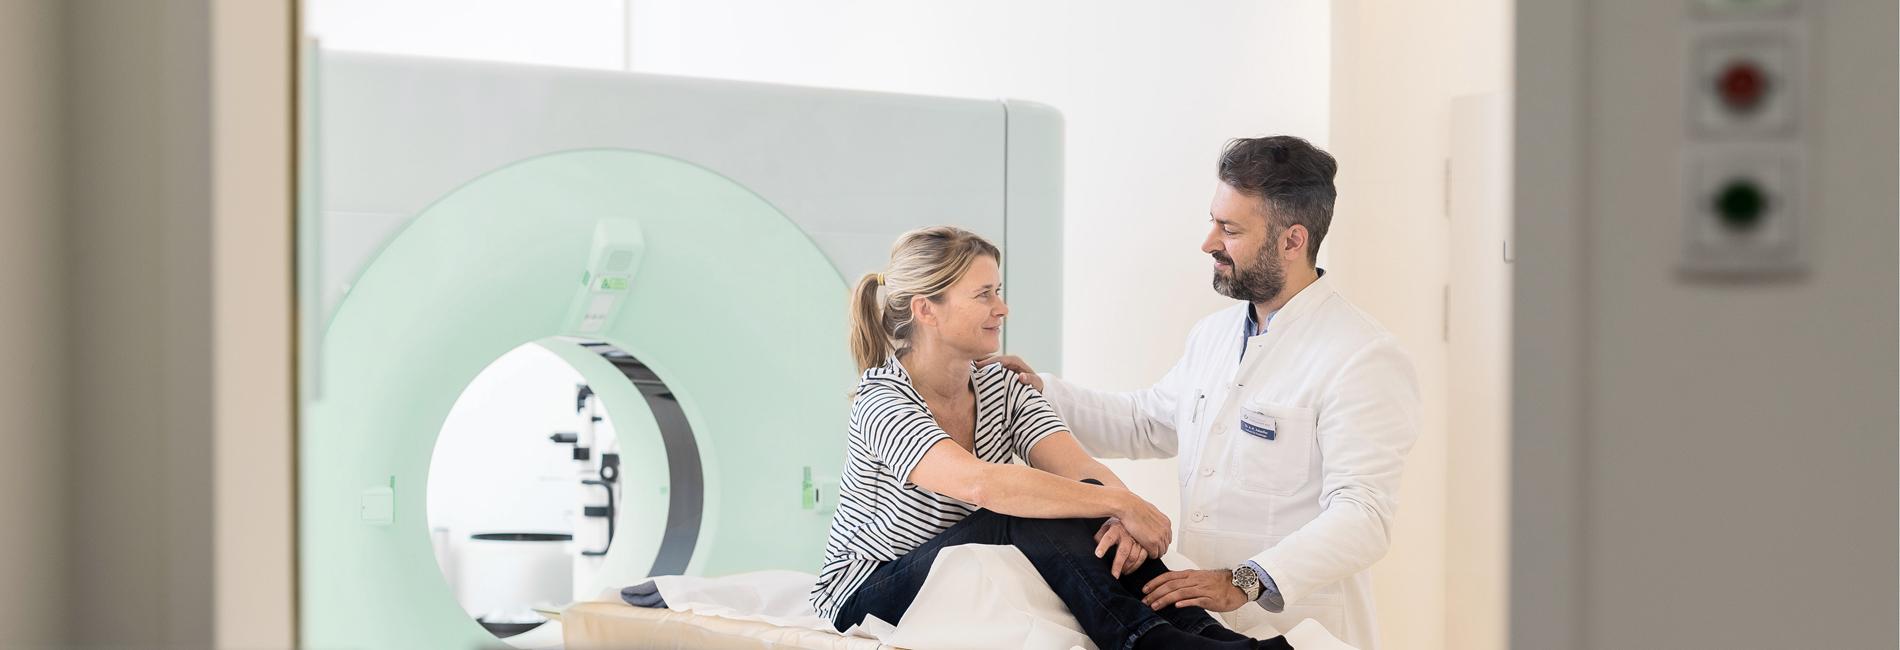 Radiologie-Schmerztherapie-MEDIZINICUM-Hamburg